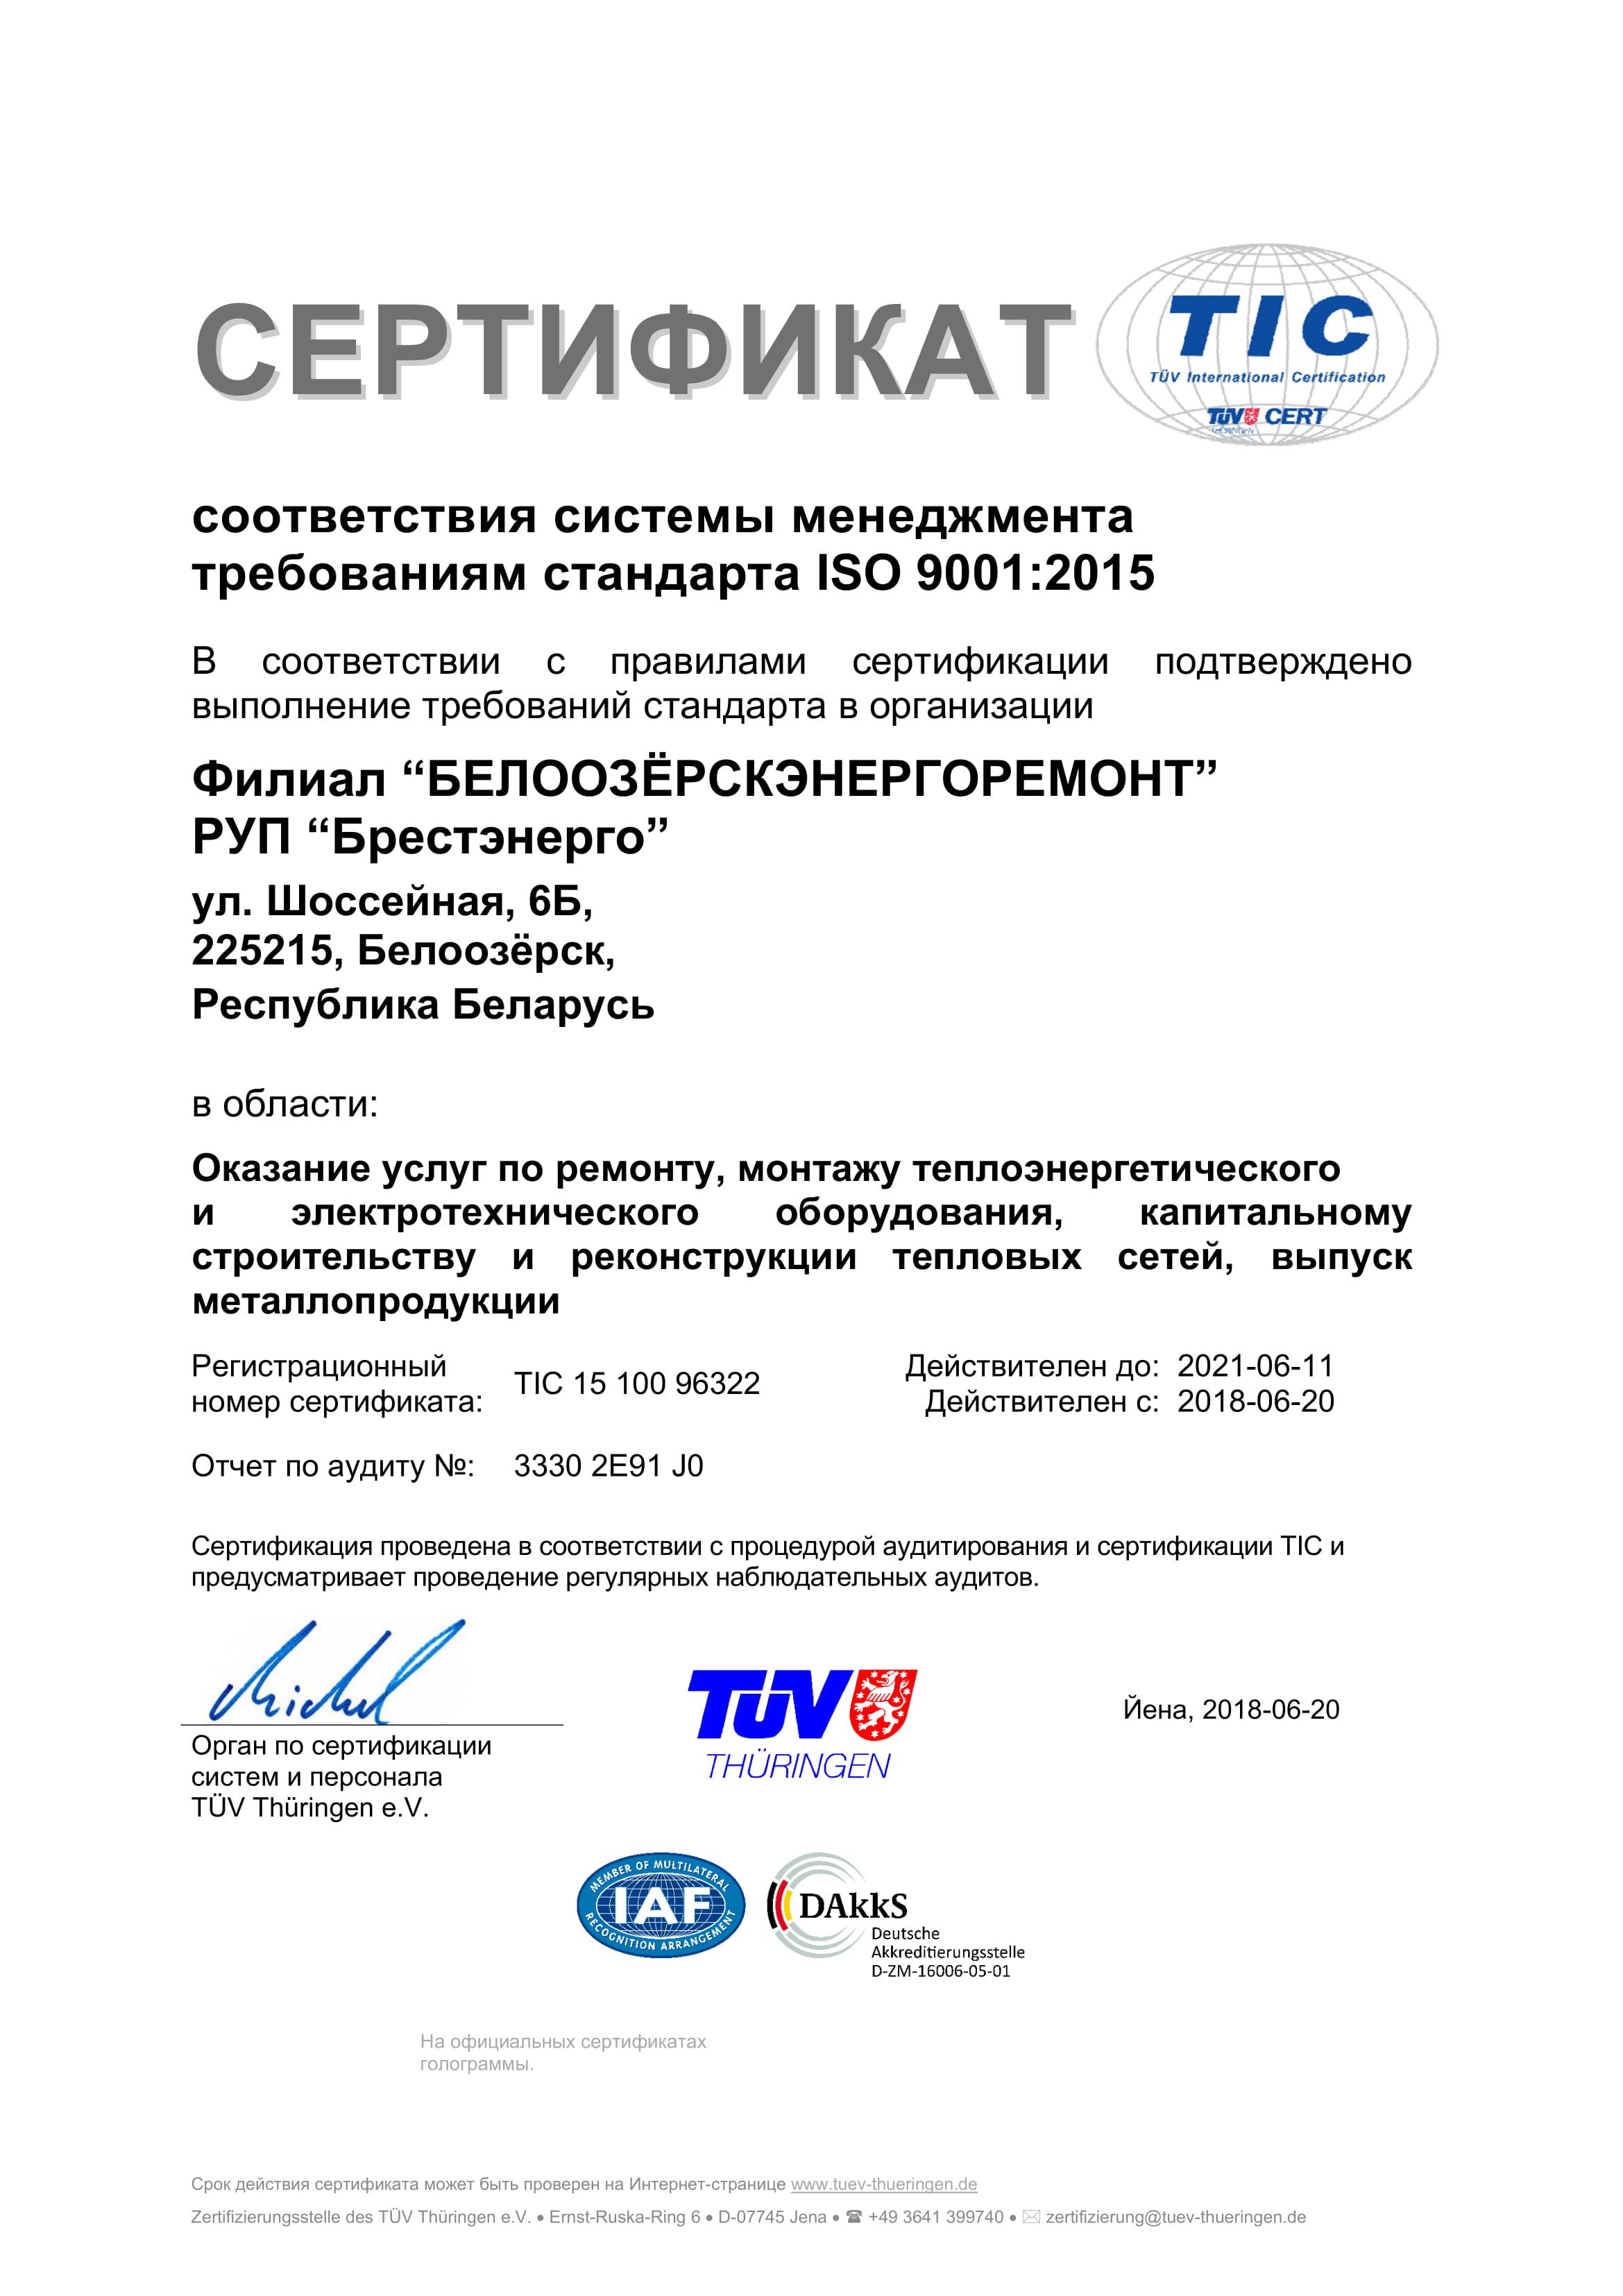 Сертификат ISO 9001 2015